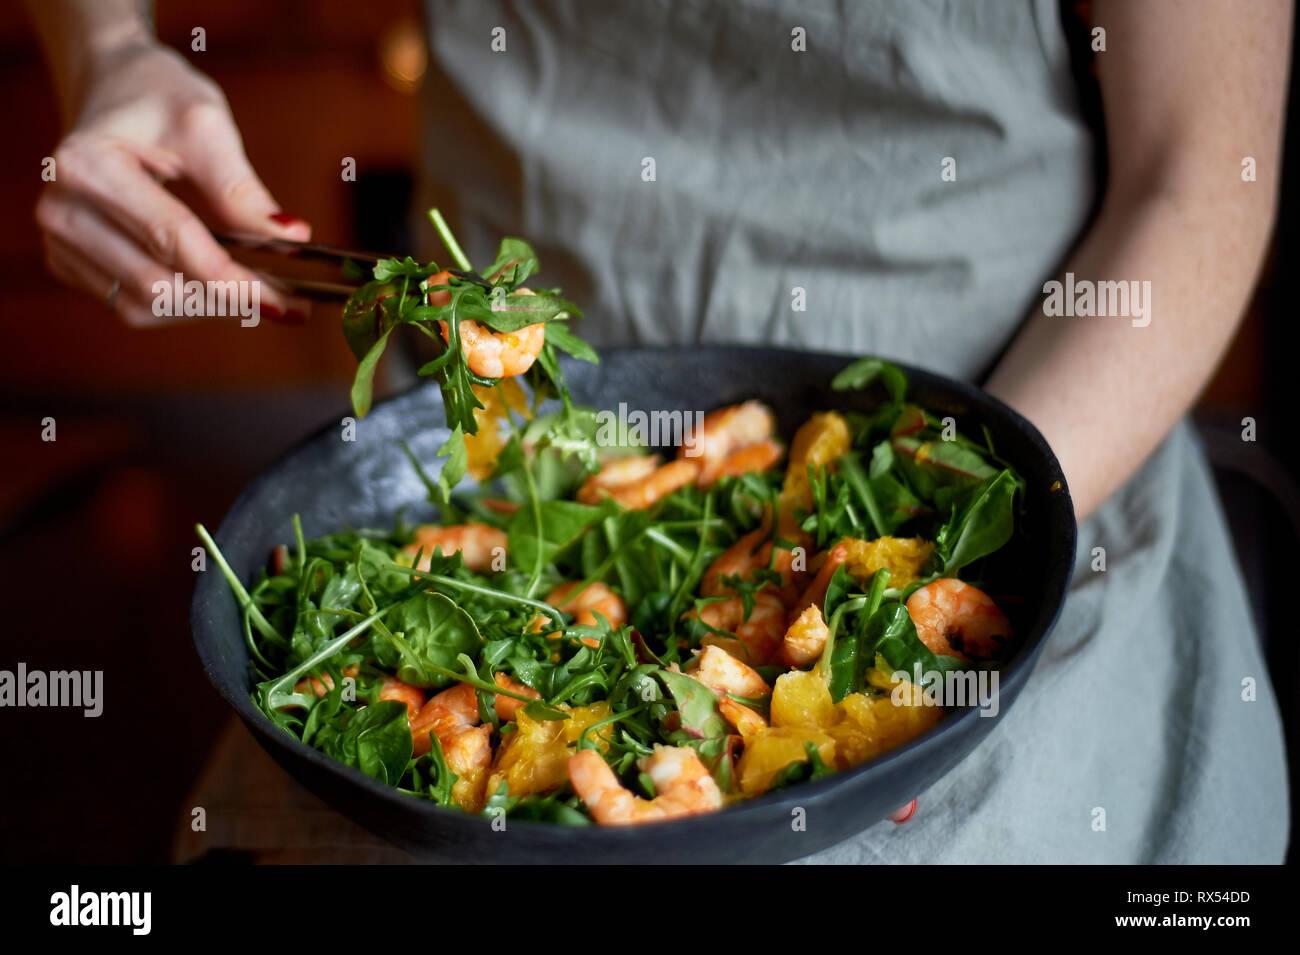 Gesunde Ernährung. Salat mit Rucola, Riesengarnelen und Orangen. Licht Gericht mit Meeresfrüchten. Diätmenü. Hände Salat stören Stockbild